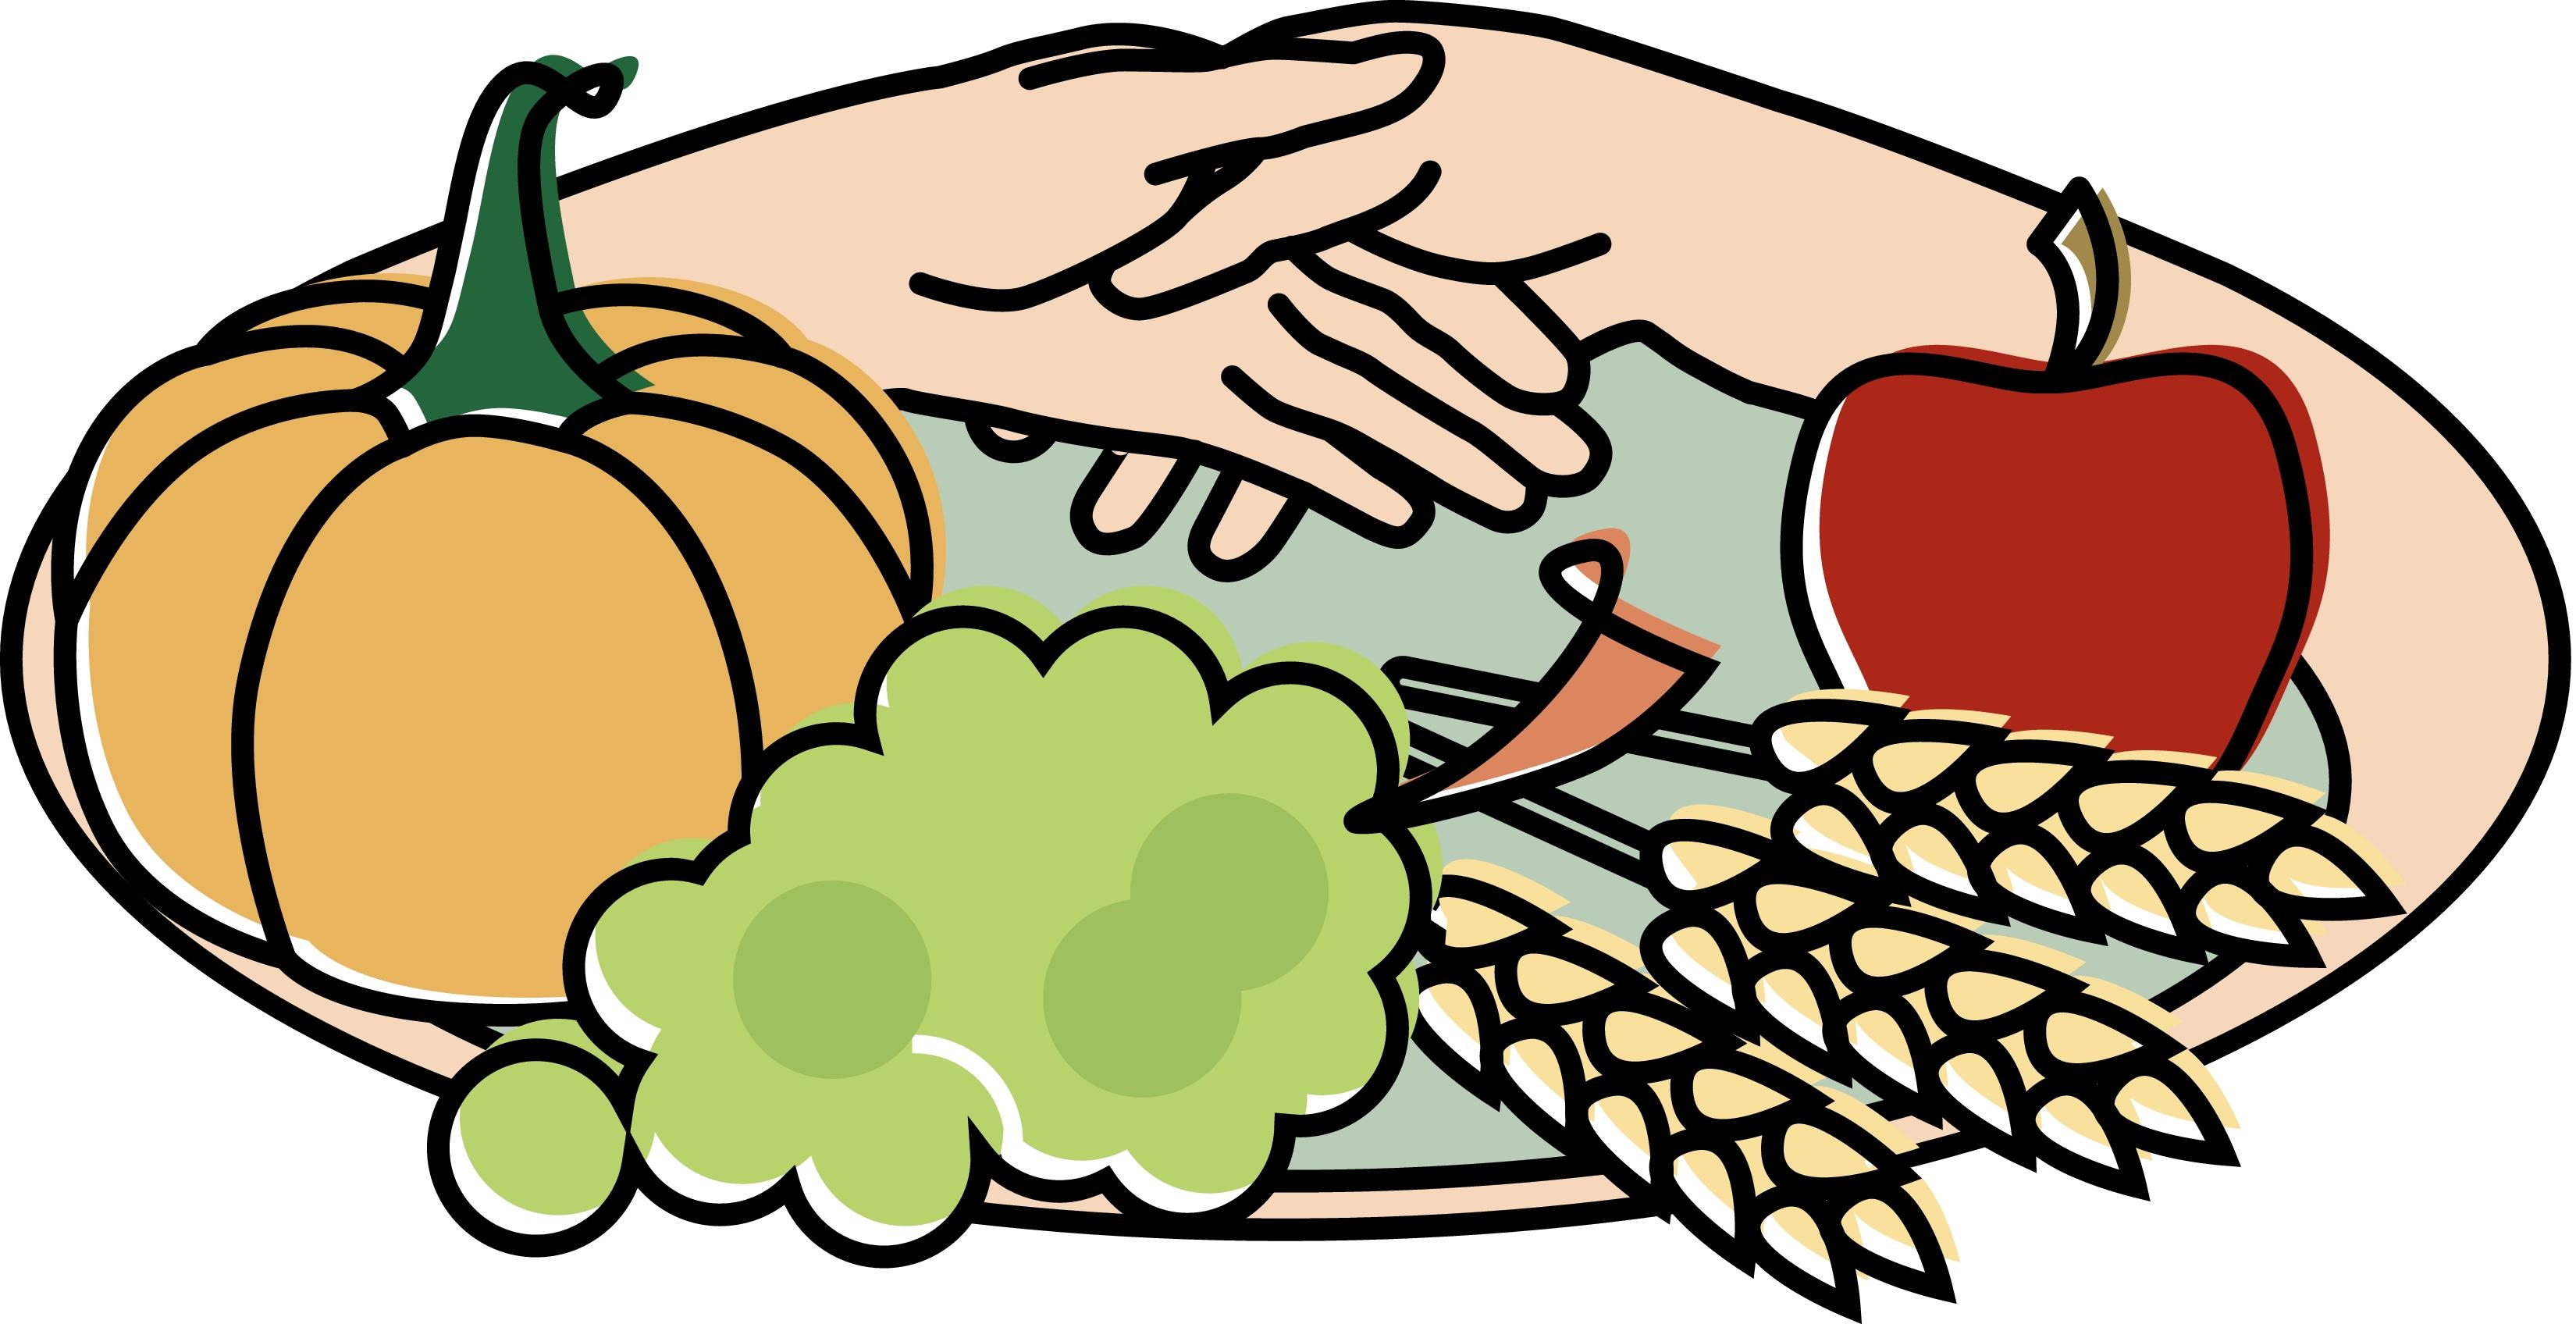 3300x1696 Food Bank Clip Art